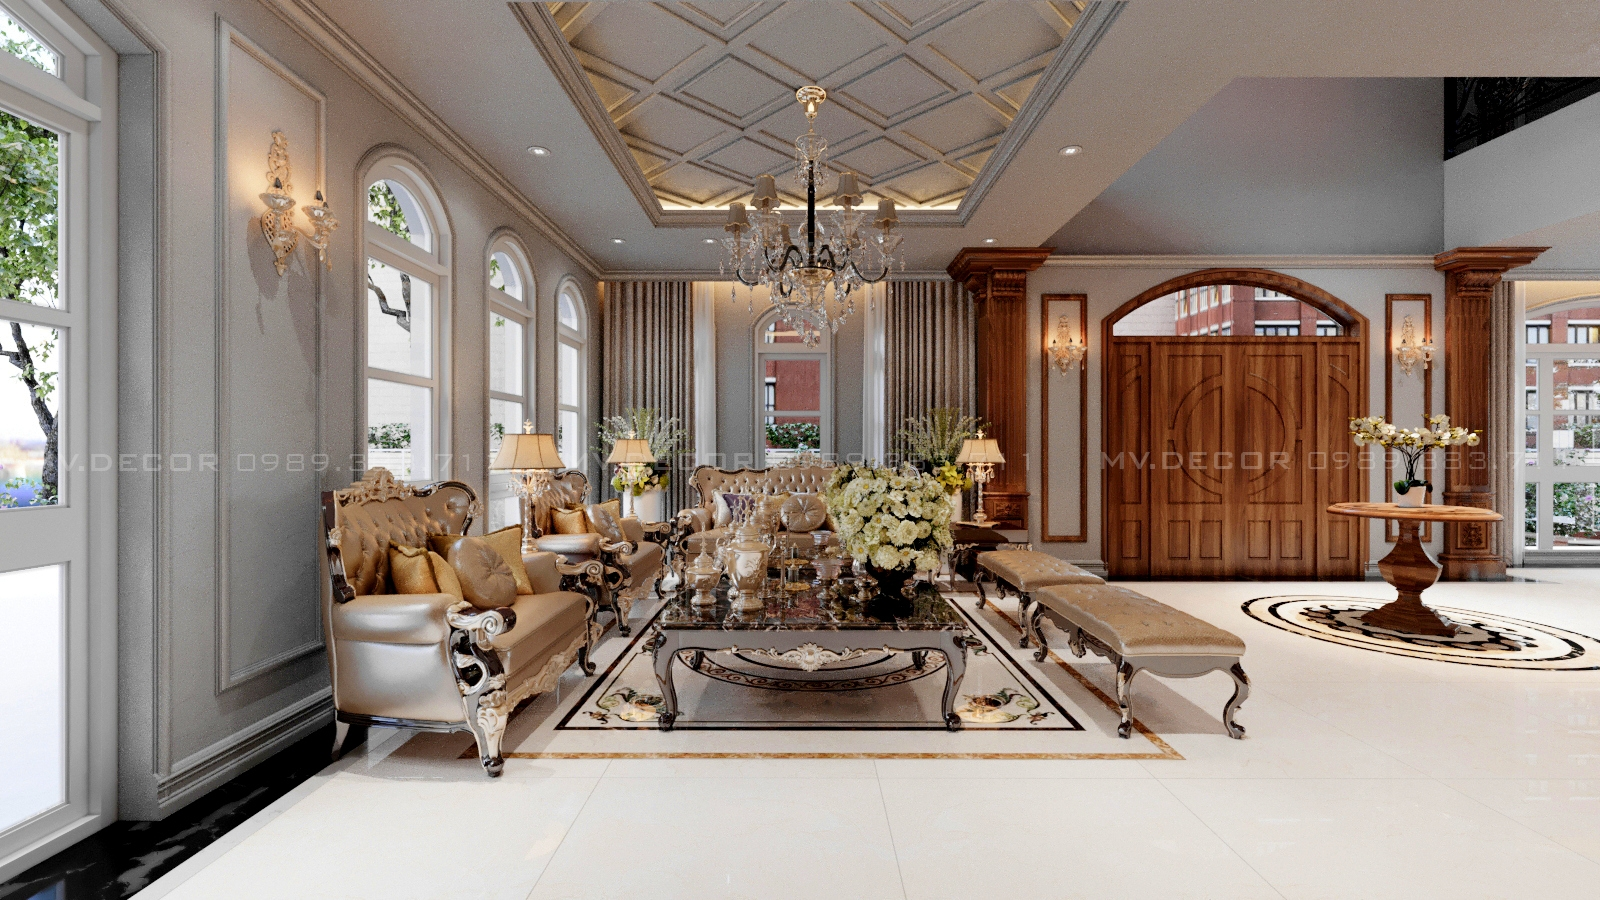 thiết kế nội thất Biệt Thự tại Hải Phòng BT VINHOME HẢI PHÒNG 0 1562719446